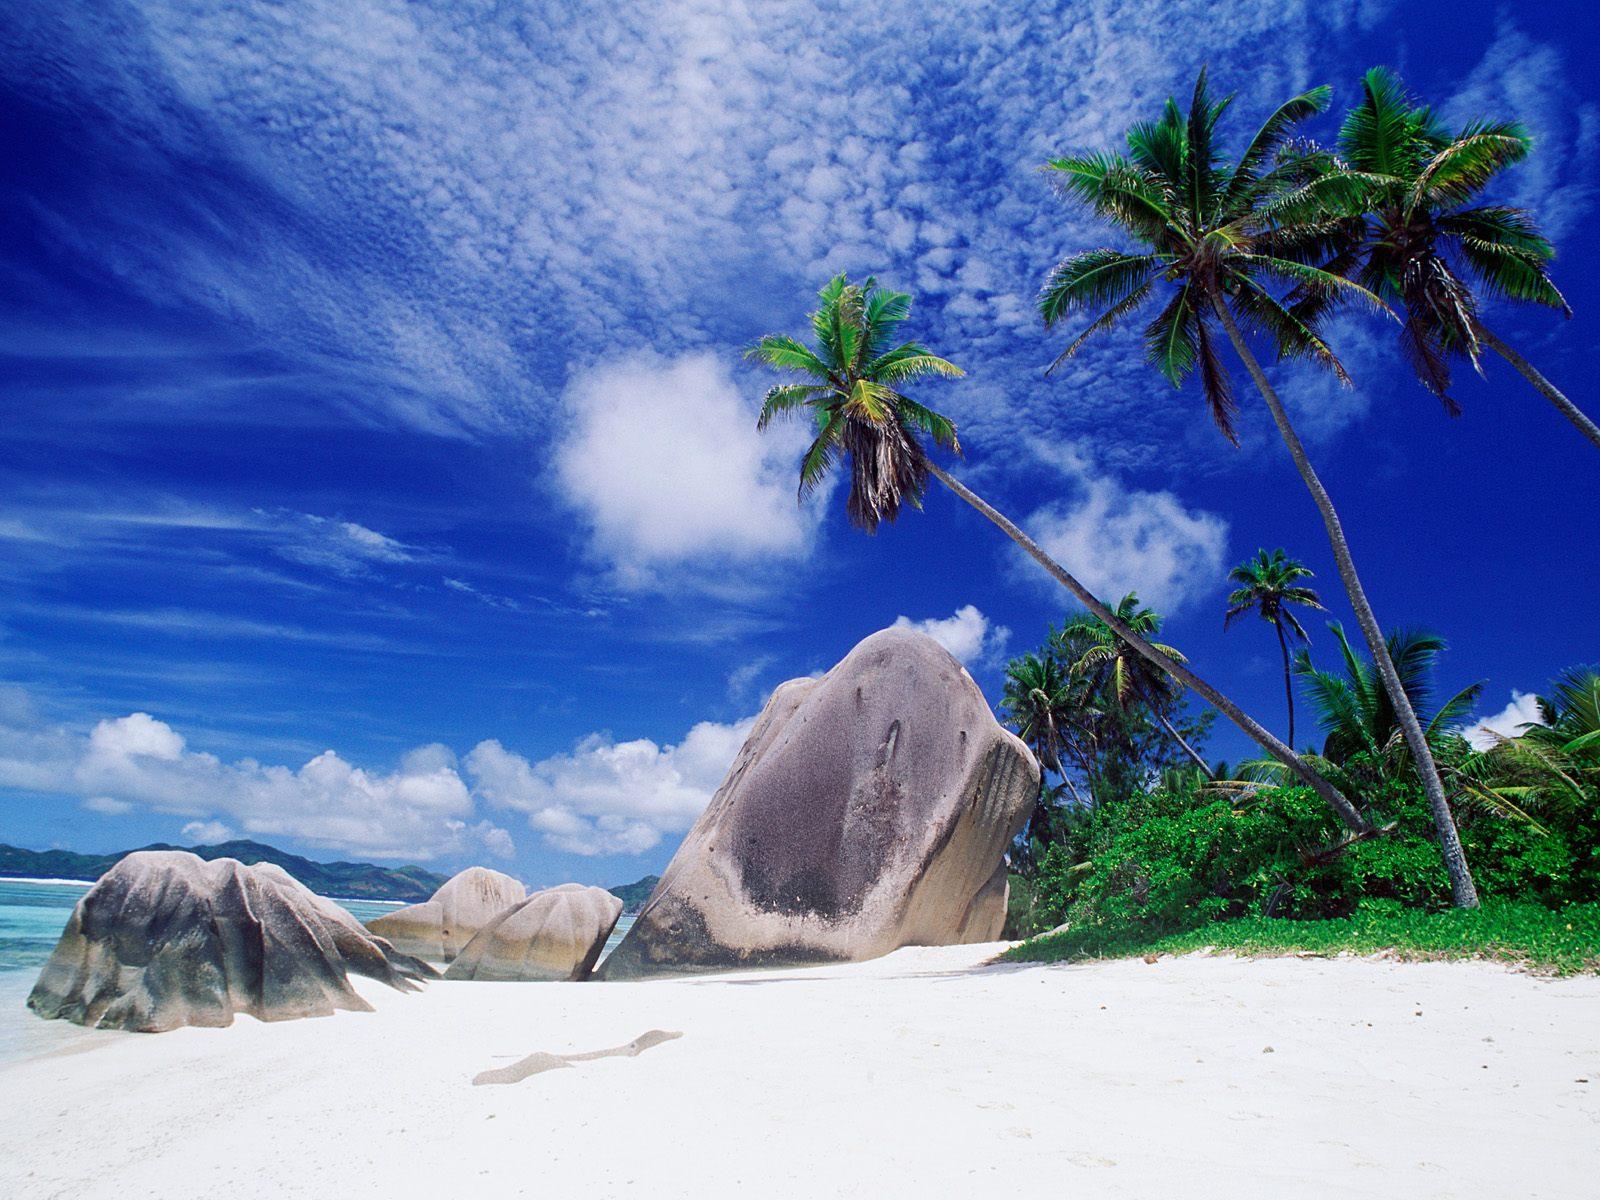 http://1.bp.blogspot.com/-0X_DYK6E08A/TY0HbMqtS7I/AAAAAAAAAXc/7n5pWaks0MU/s1600/landscapes_desktop_wallpaper-171903palm_tree_beach%255B1%255D.jpg